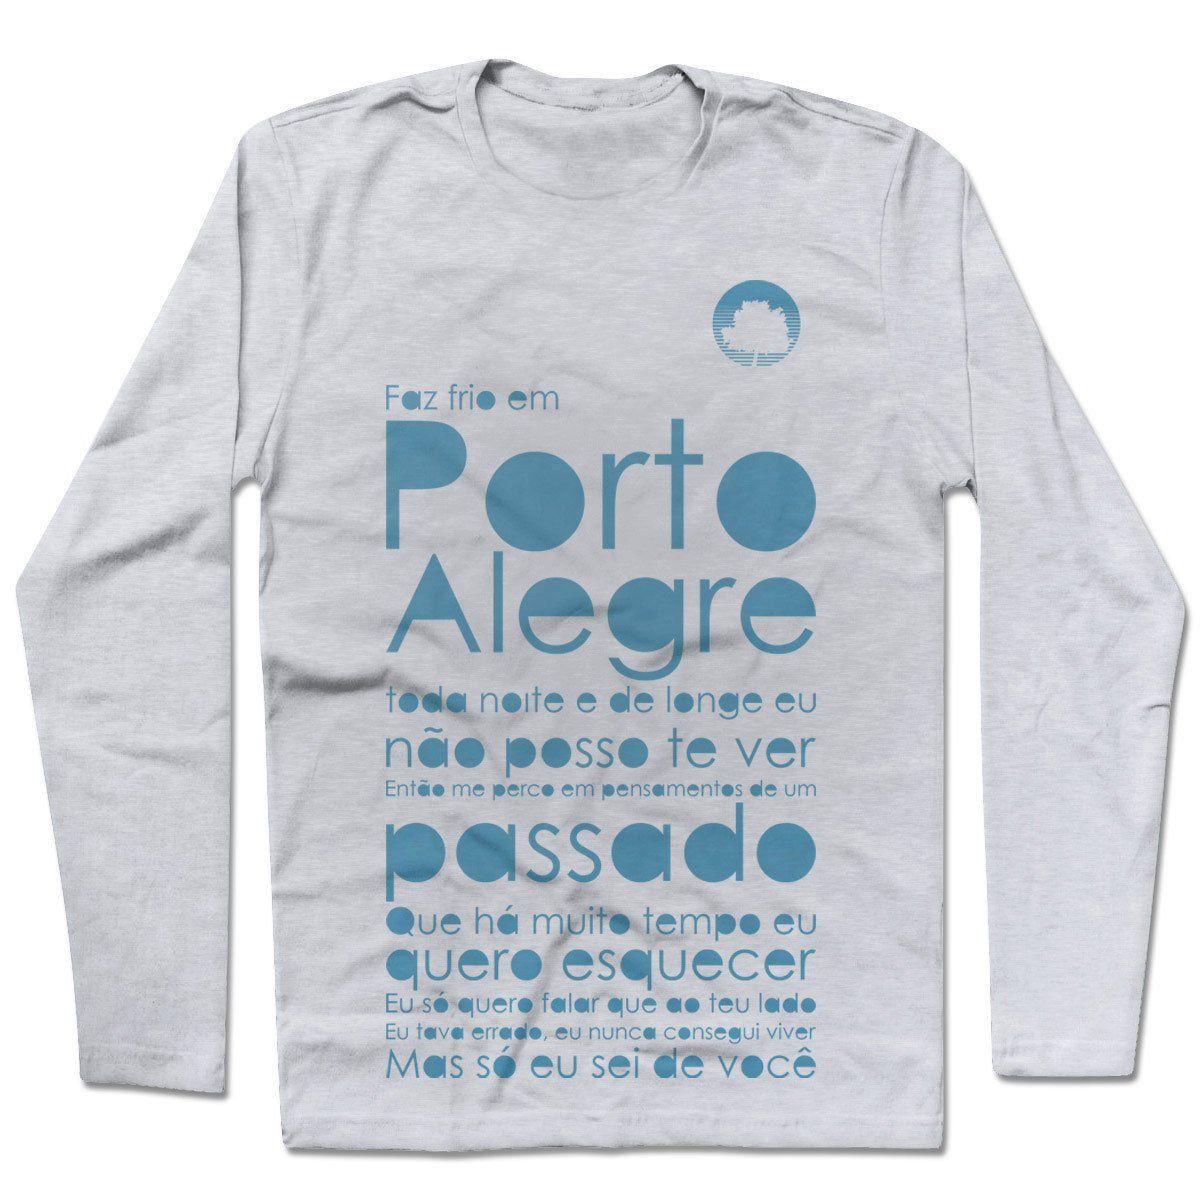 Camiseta Manga Longa Fresno - Porto Alegre